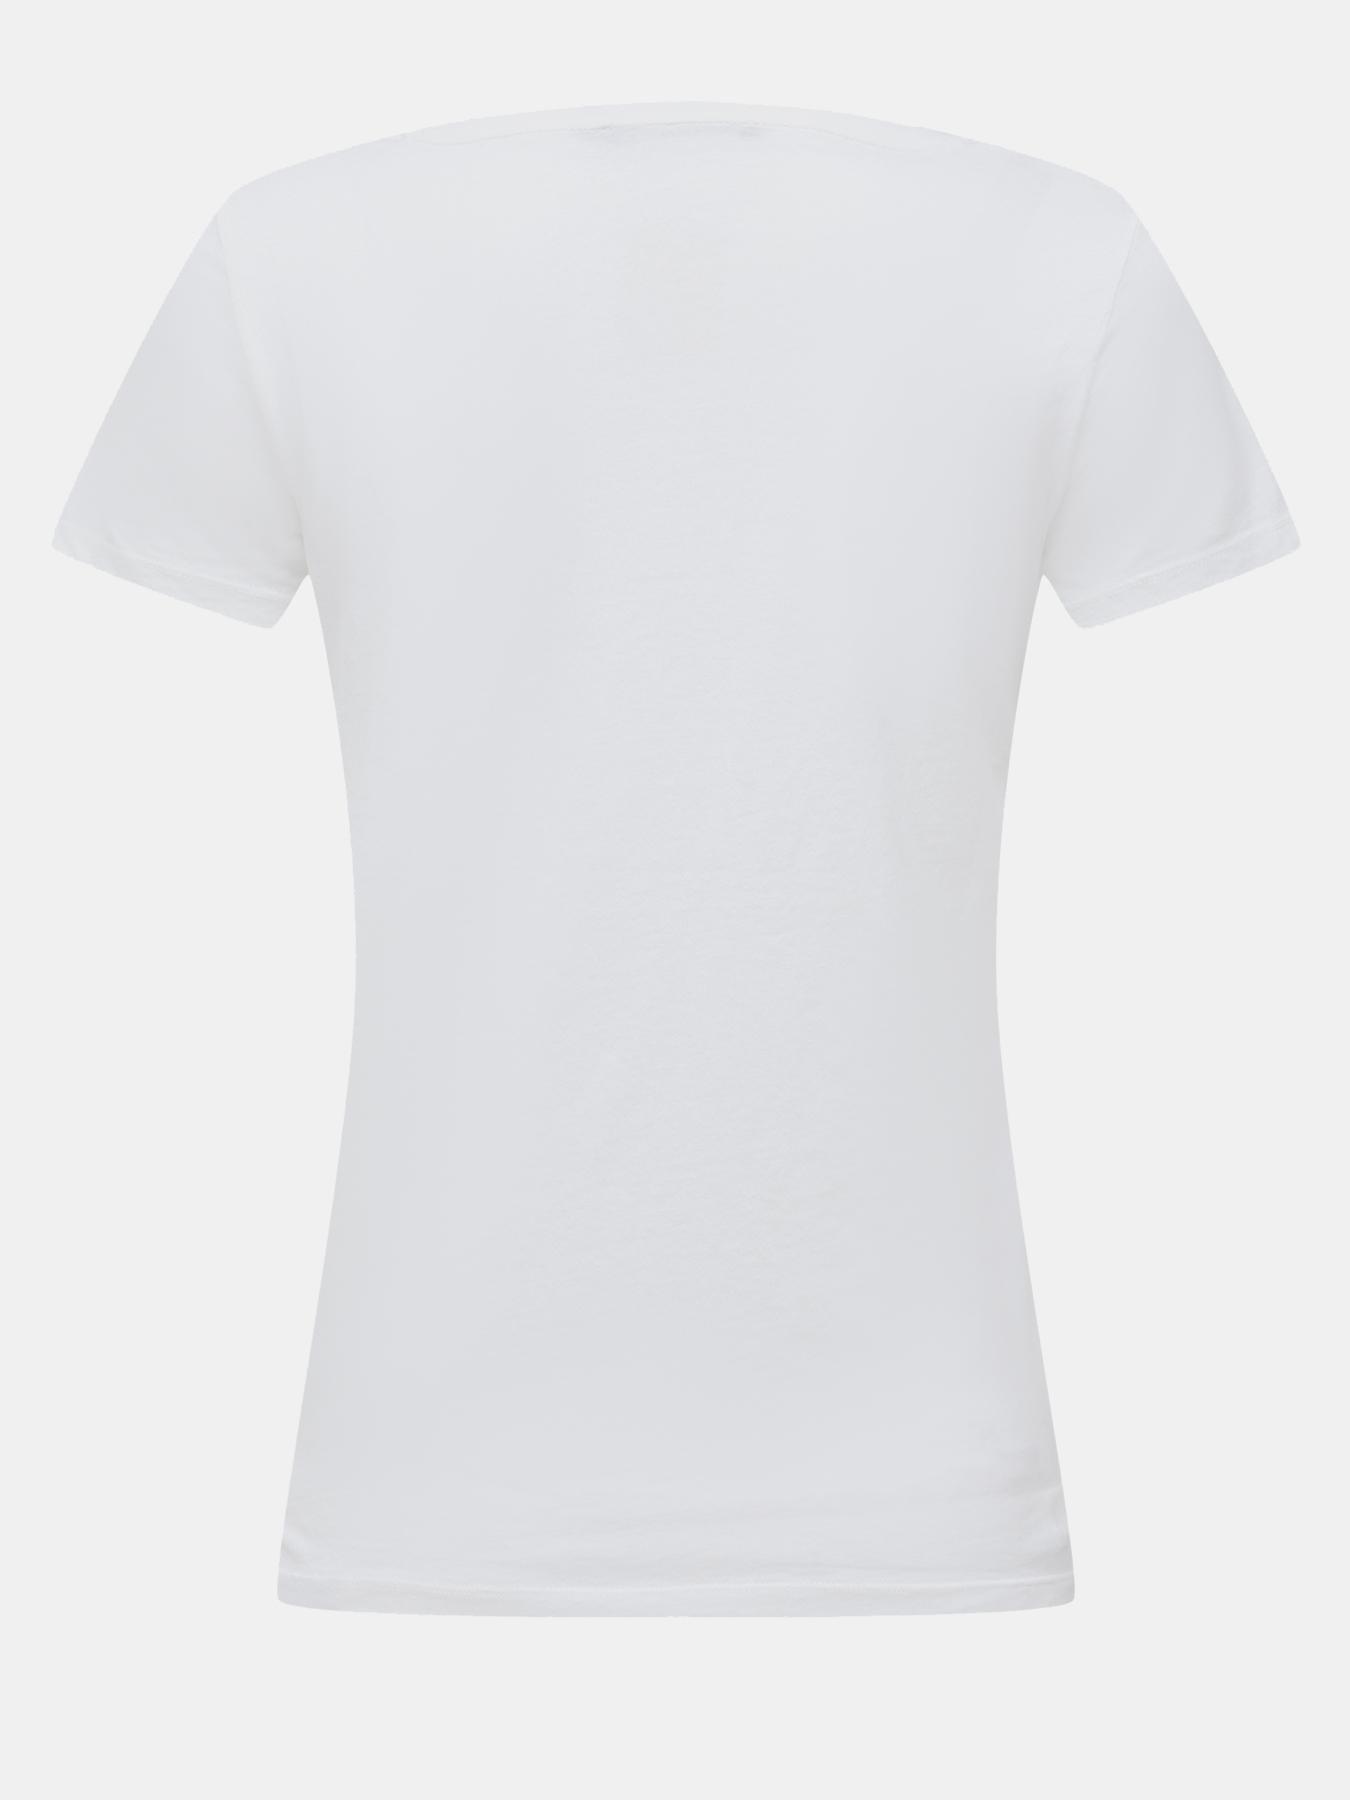 цена на Фуфайка (футболка) RIVER WOODS Футболка